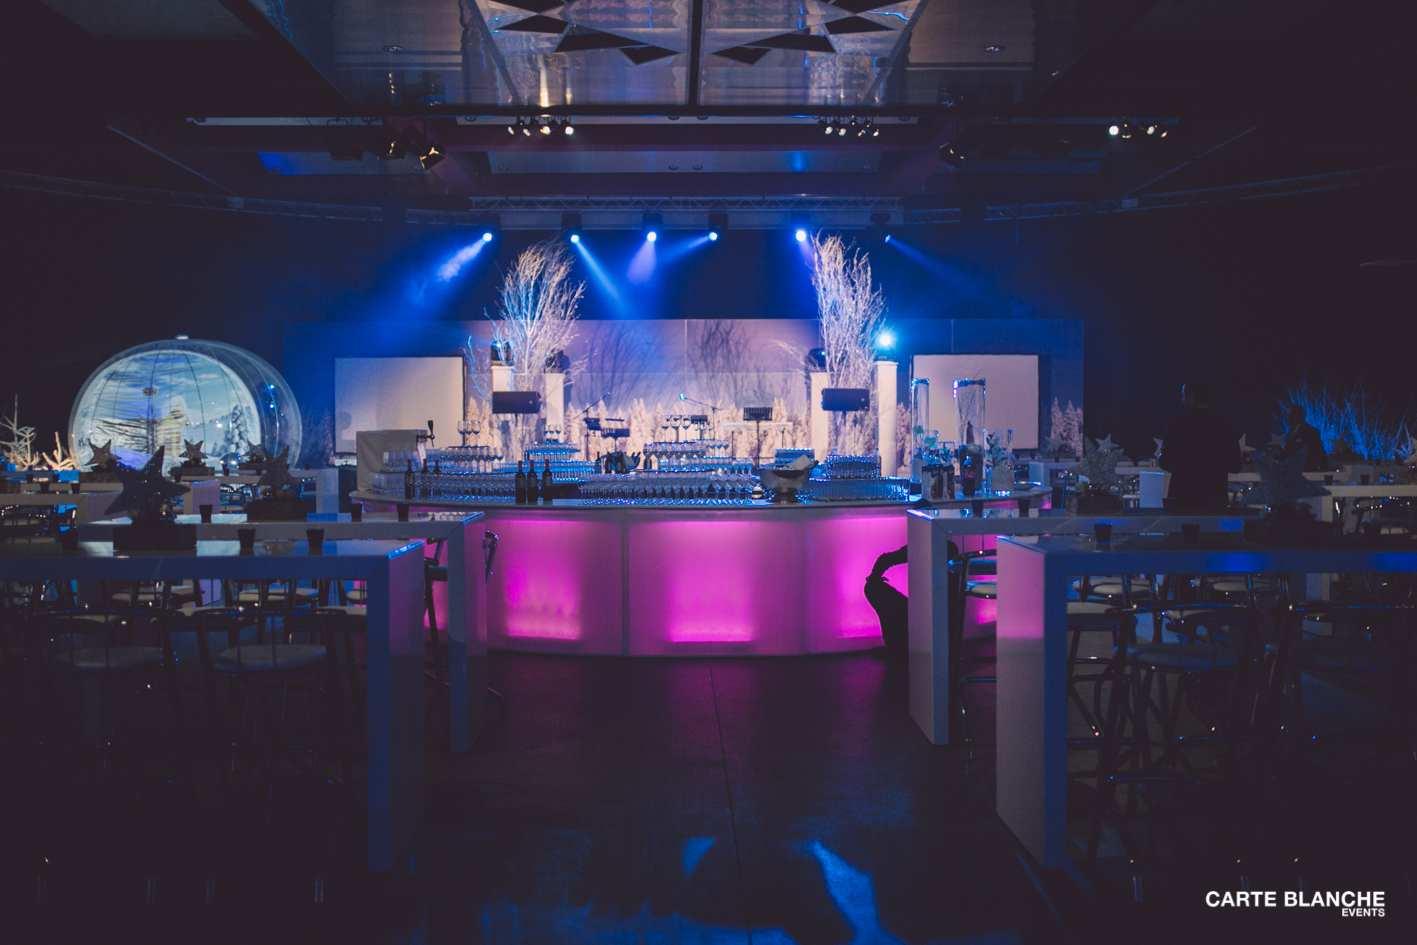 xmas-party-ferrero-2013-carte-blanche-events